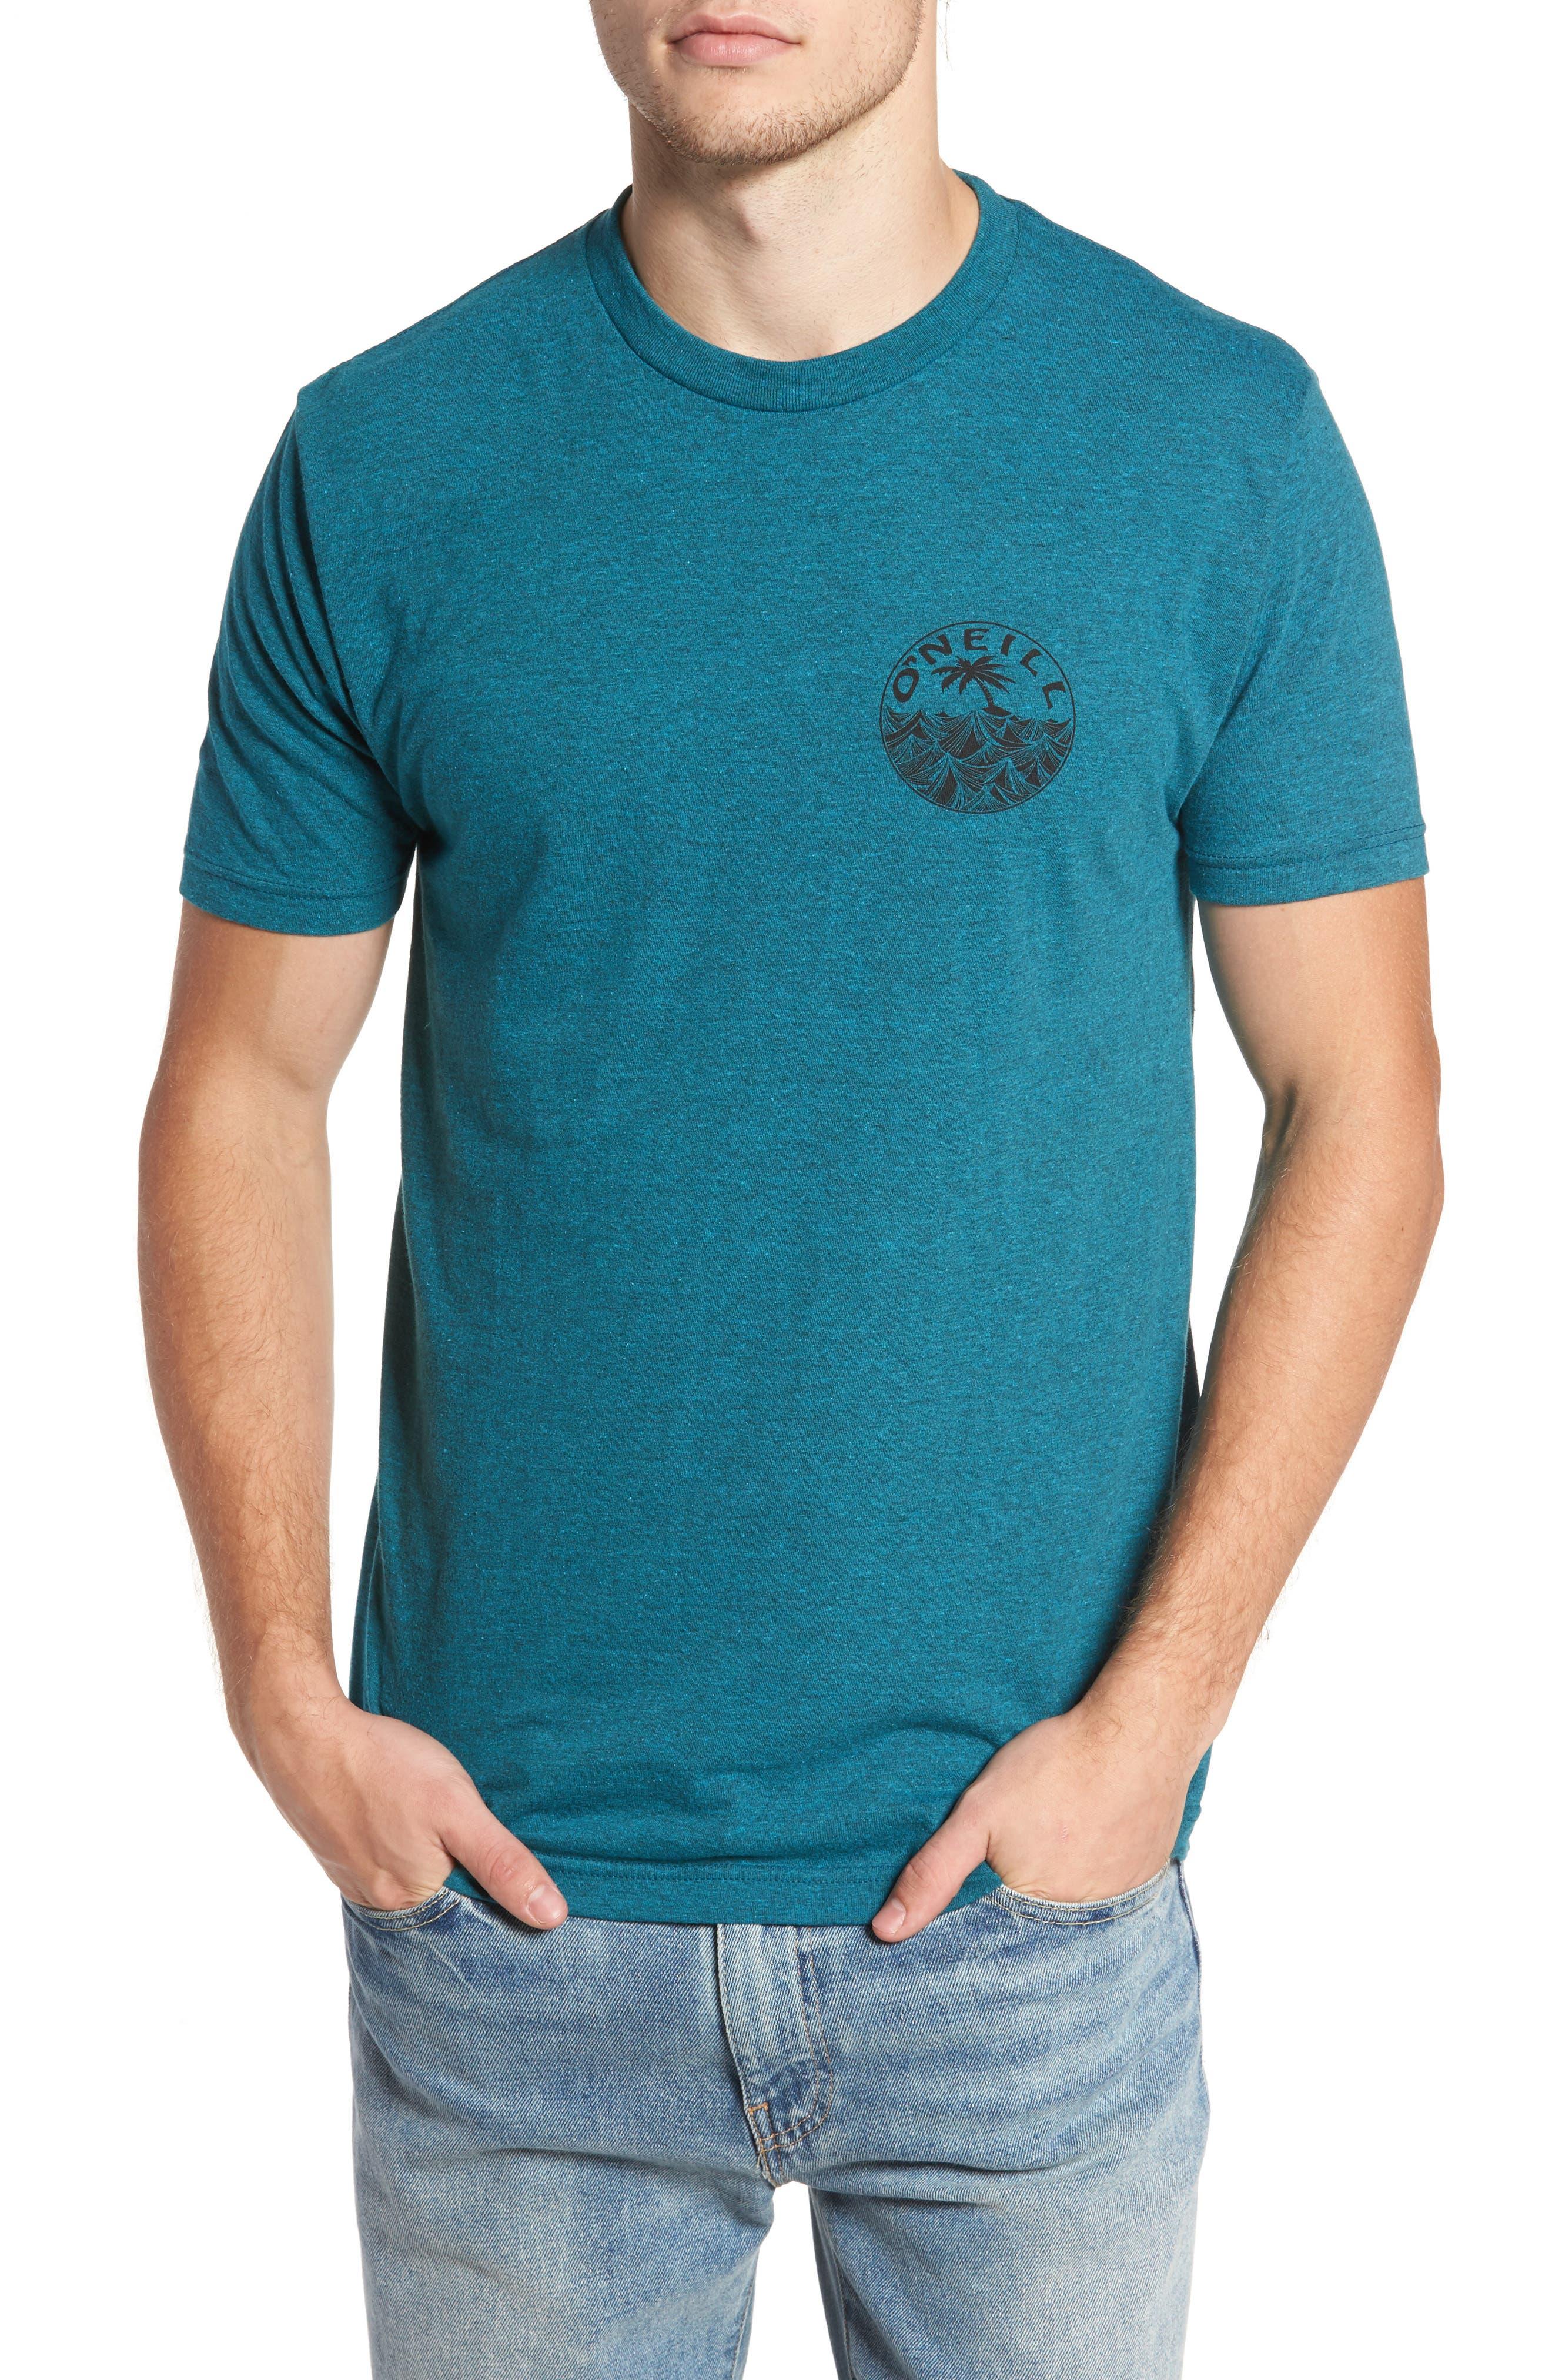 O'Neill Waver Graphic T-Shirt